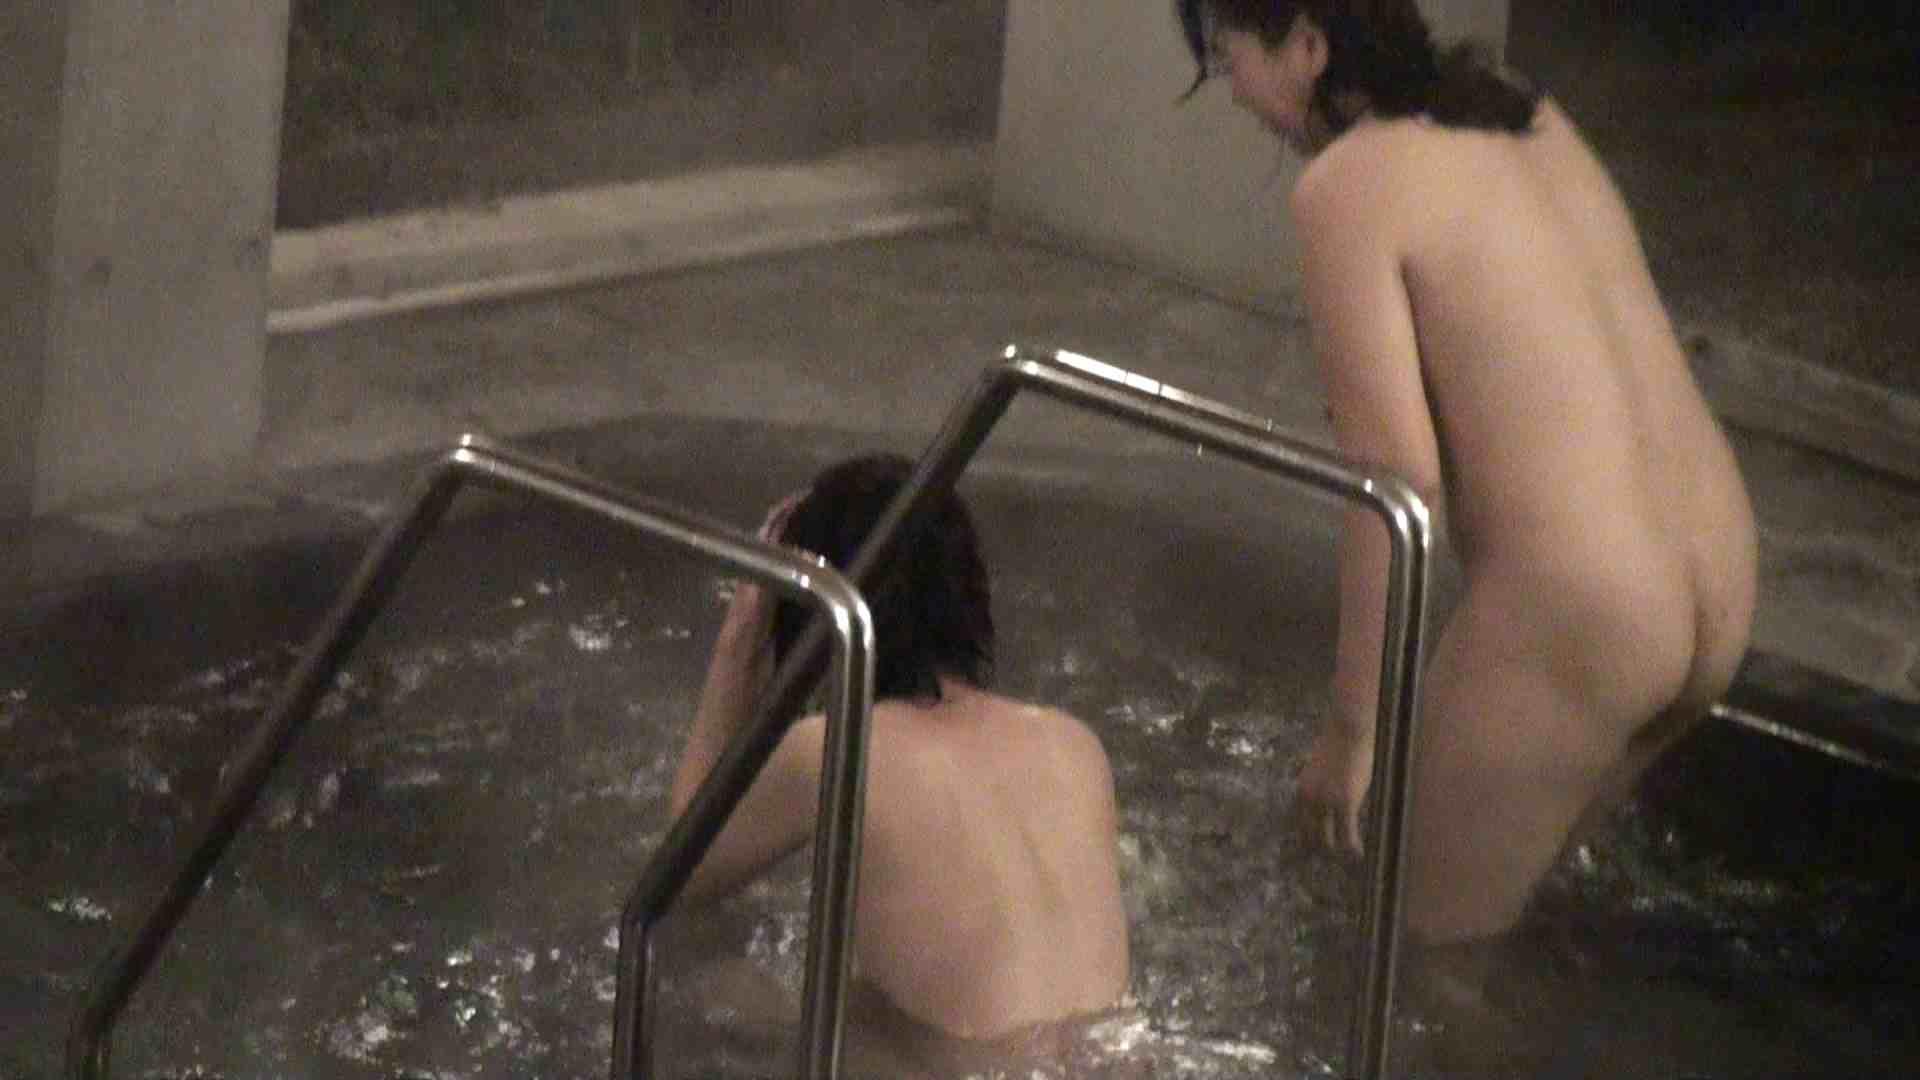 Aquaな露天風呂Vol.405 OLのエロ生活 ぱこり動画紹介 71連発 26